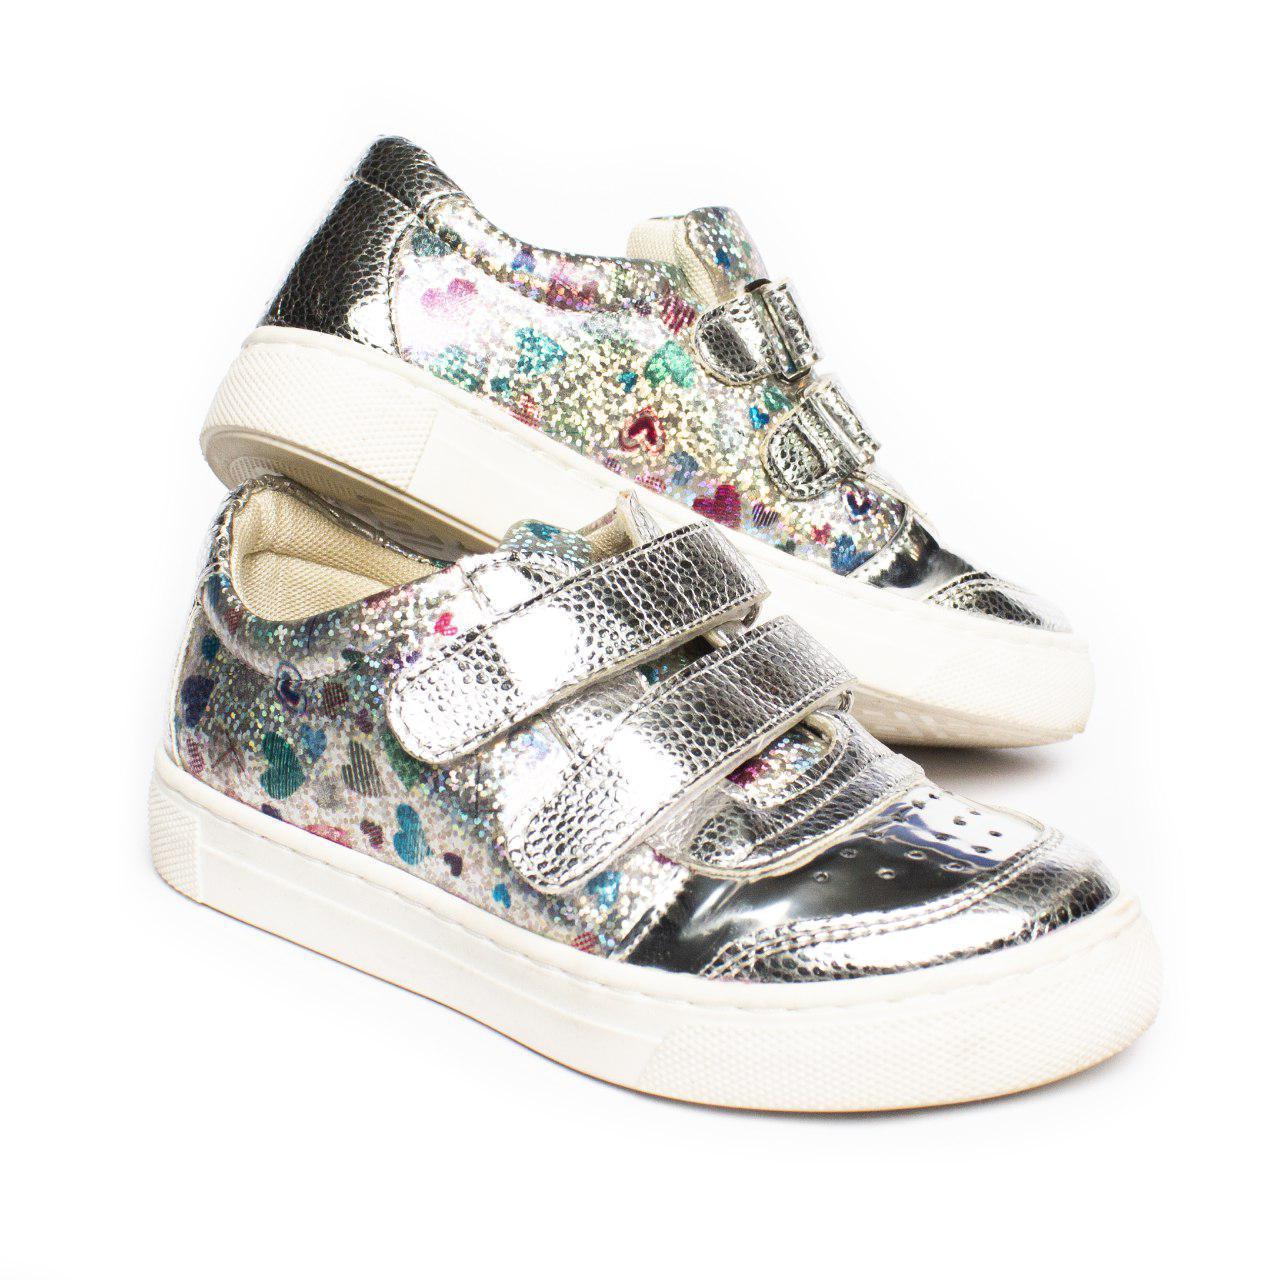 Стильные кроссовки для девочки, размеры 30